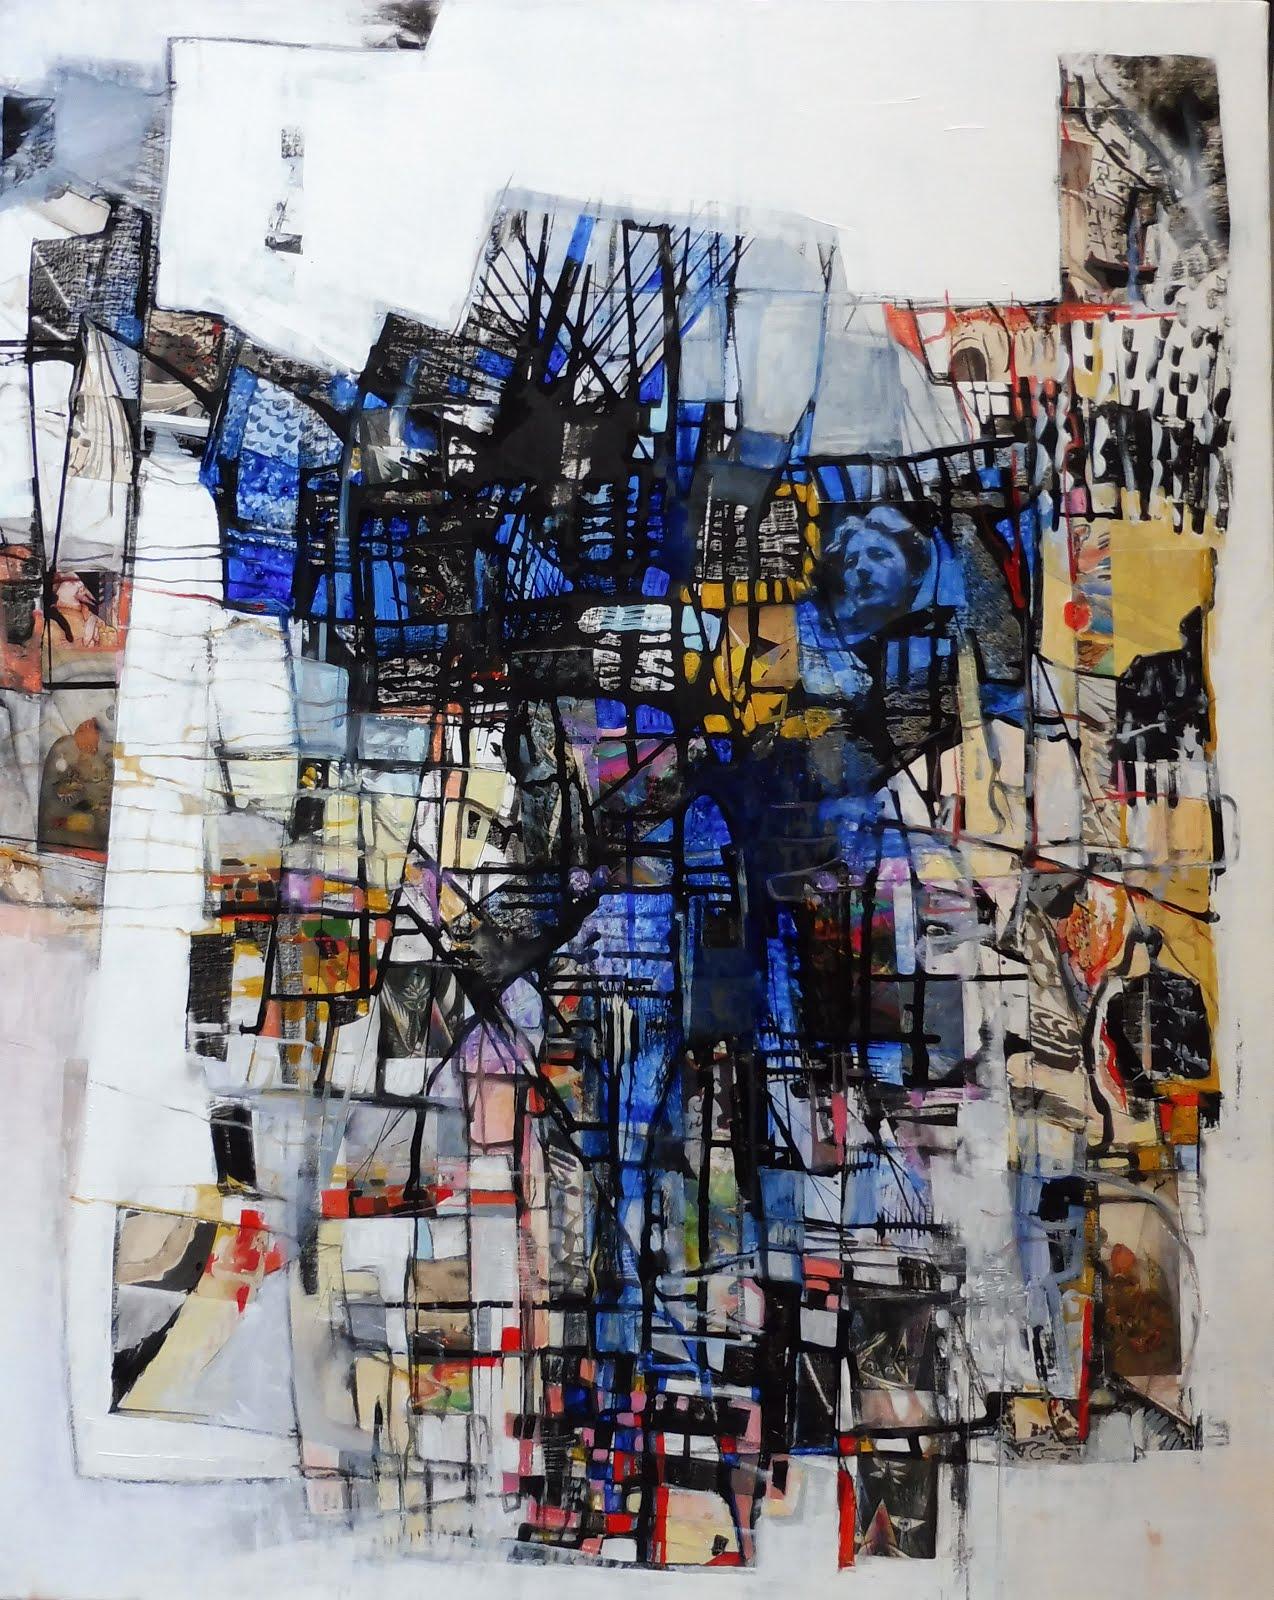 Du bleu à l'âme - 73 x 92 cm - 2020